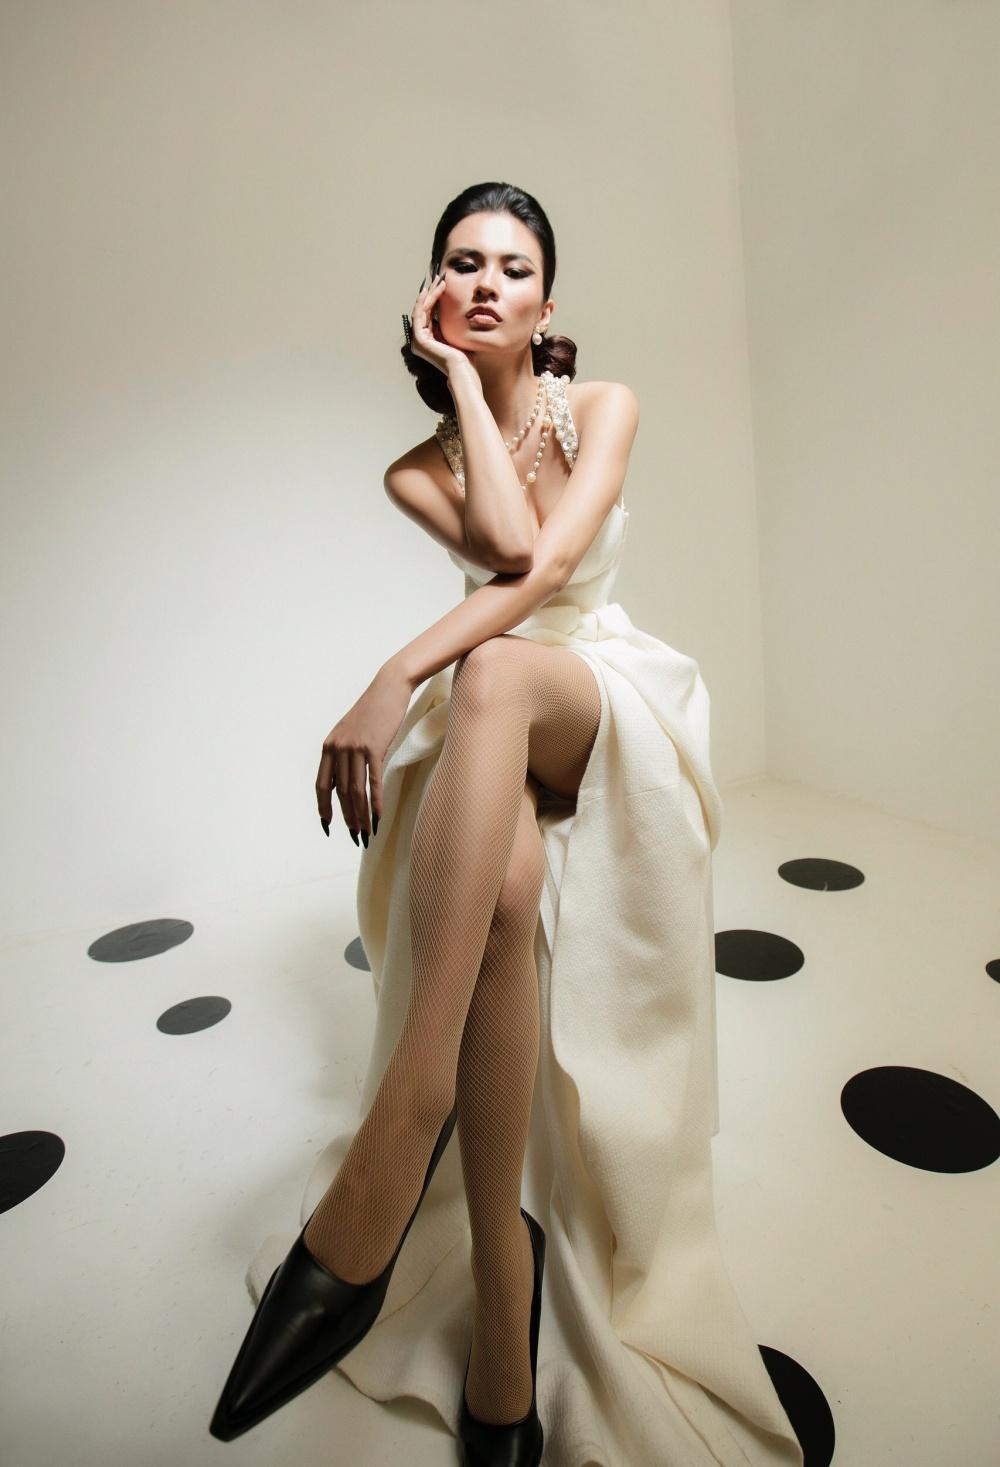 Cao Thiên Trang hóa quý cô Pháp thanh lịch cùng cặp màu đen, trắng kinh điển Ảnh 12